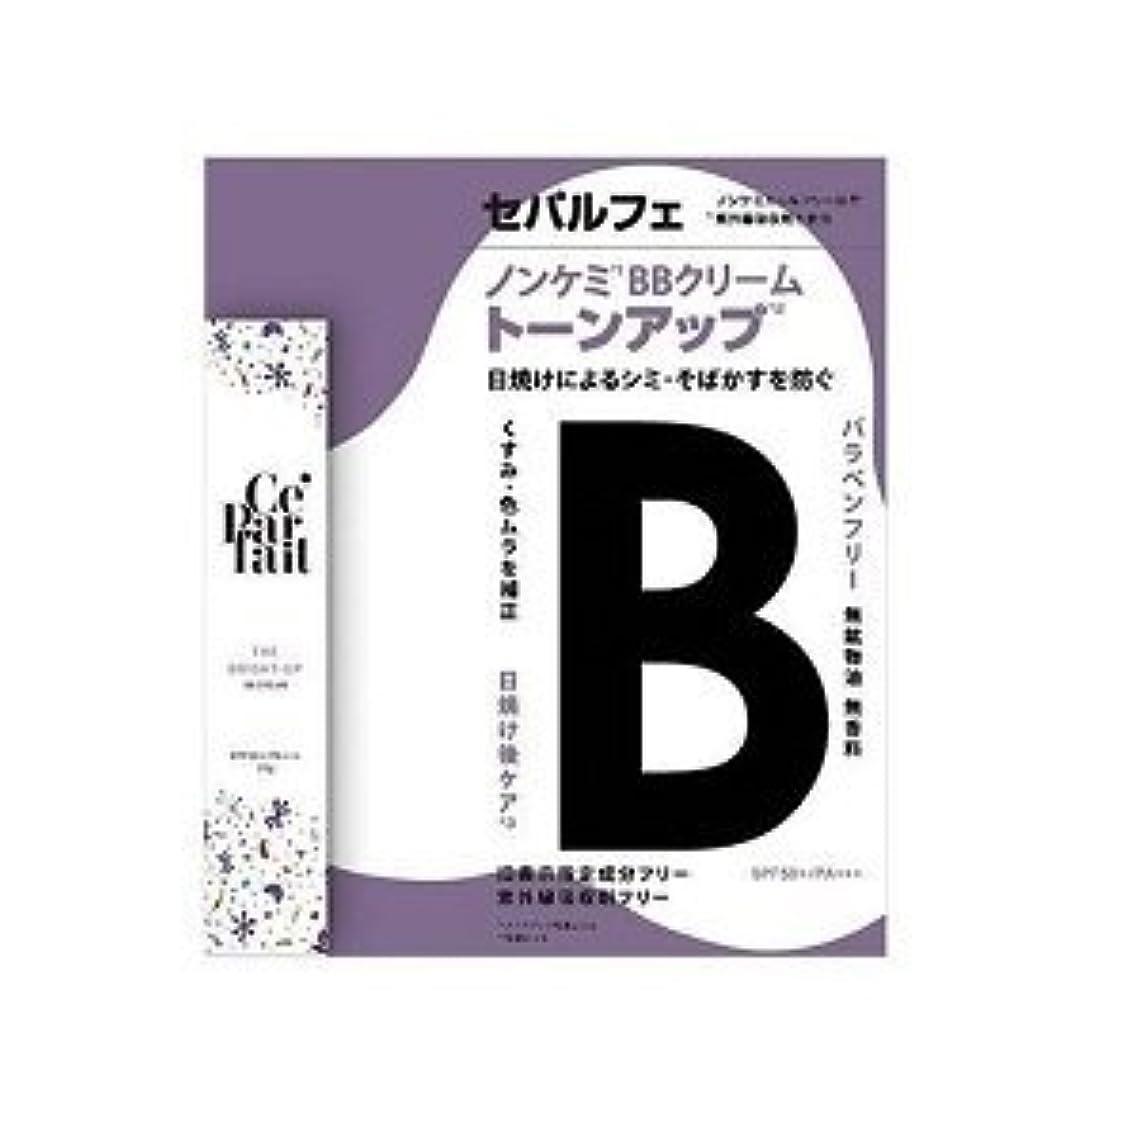 モスかかわらず豆腐セパルフェ ザ ブライトアップ BBクリーム 20g